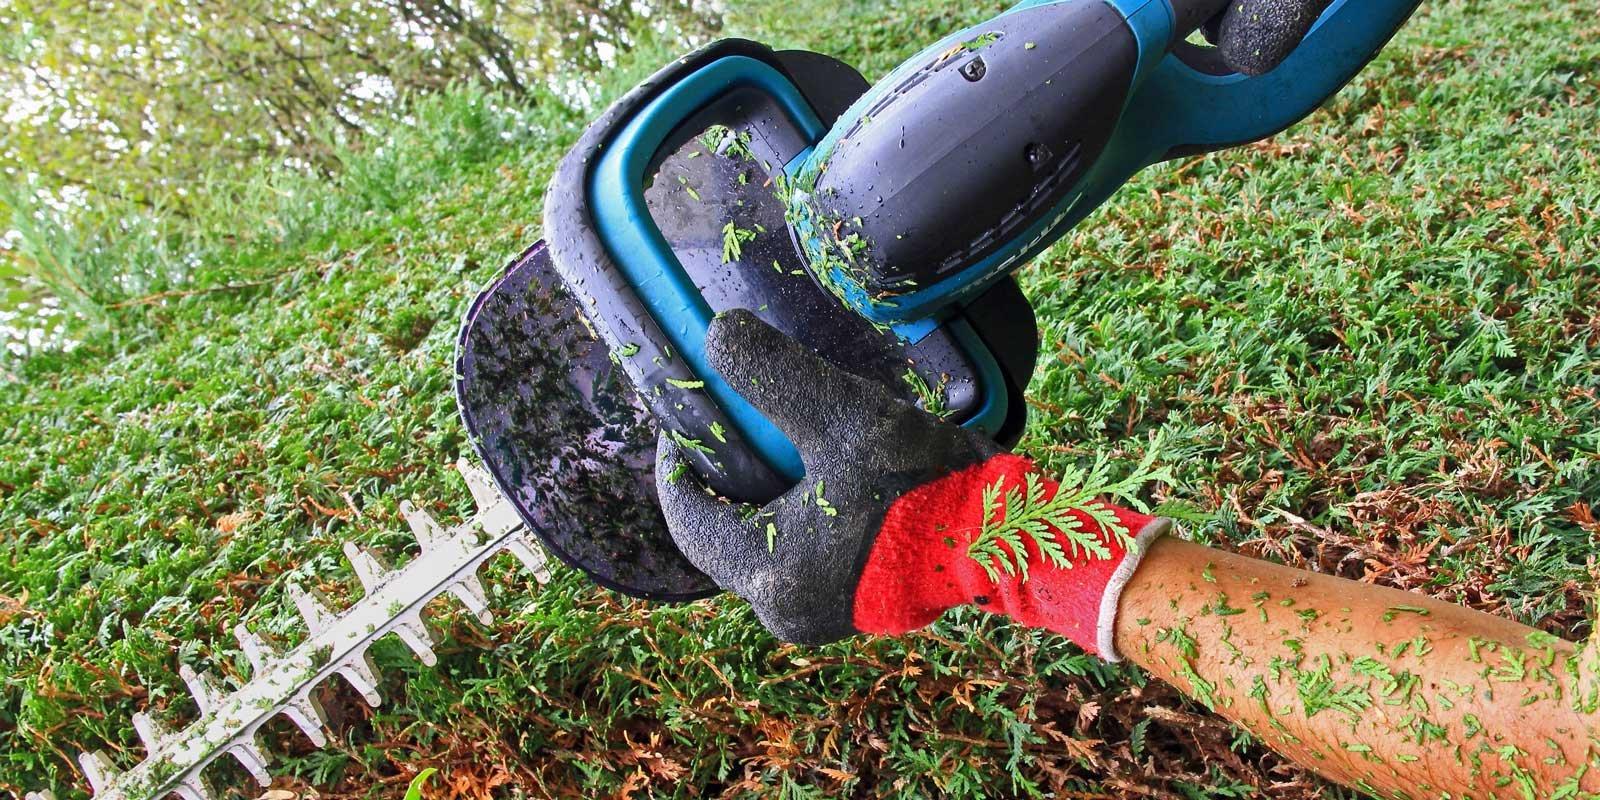 Evitare gli incidenti in giardino cose di casa - Agevolazioni fiscali giardino 2017 ...